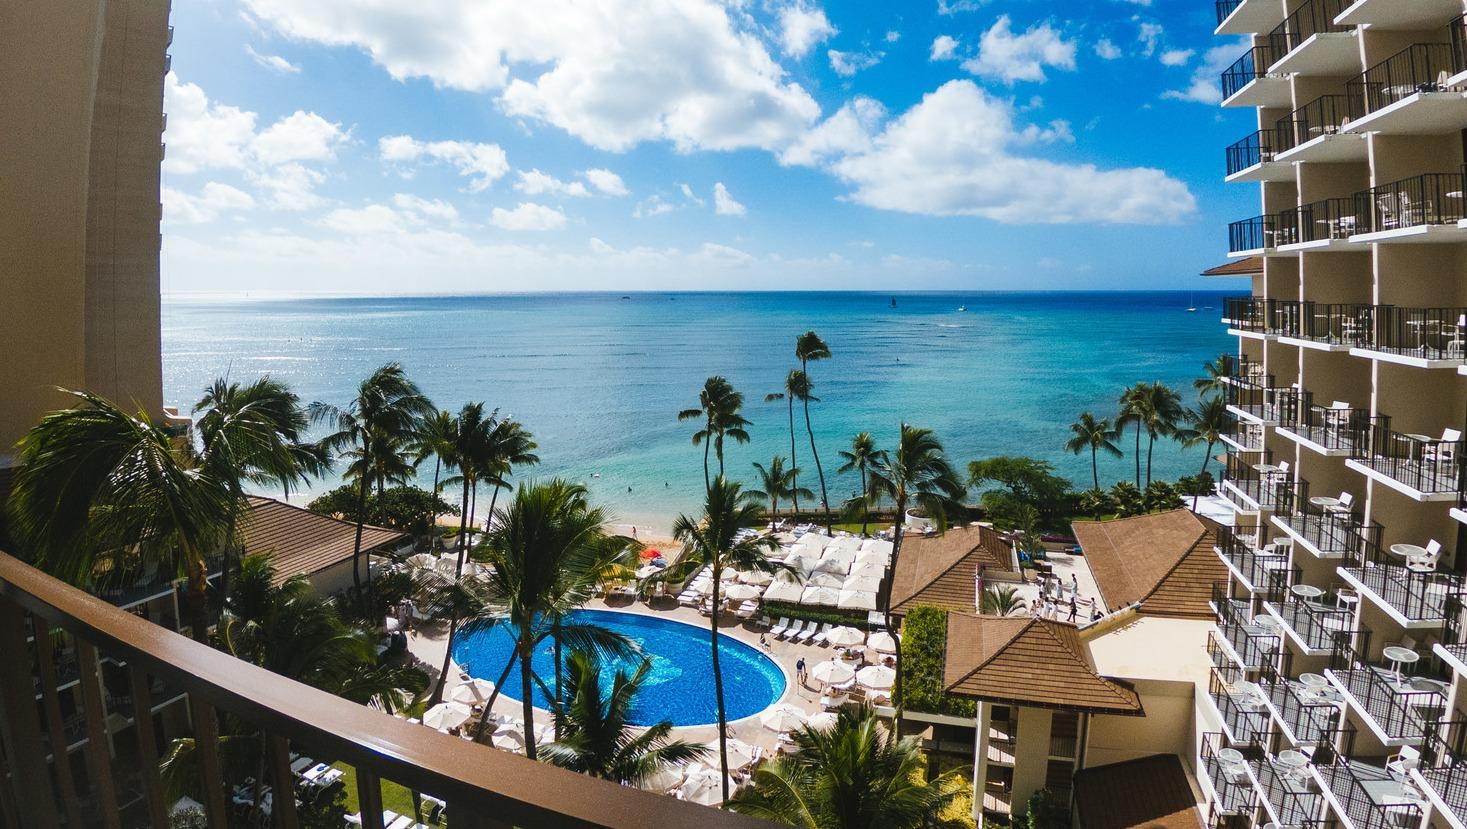 ハワイのオーシャンビュー